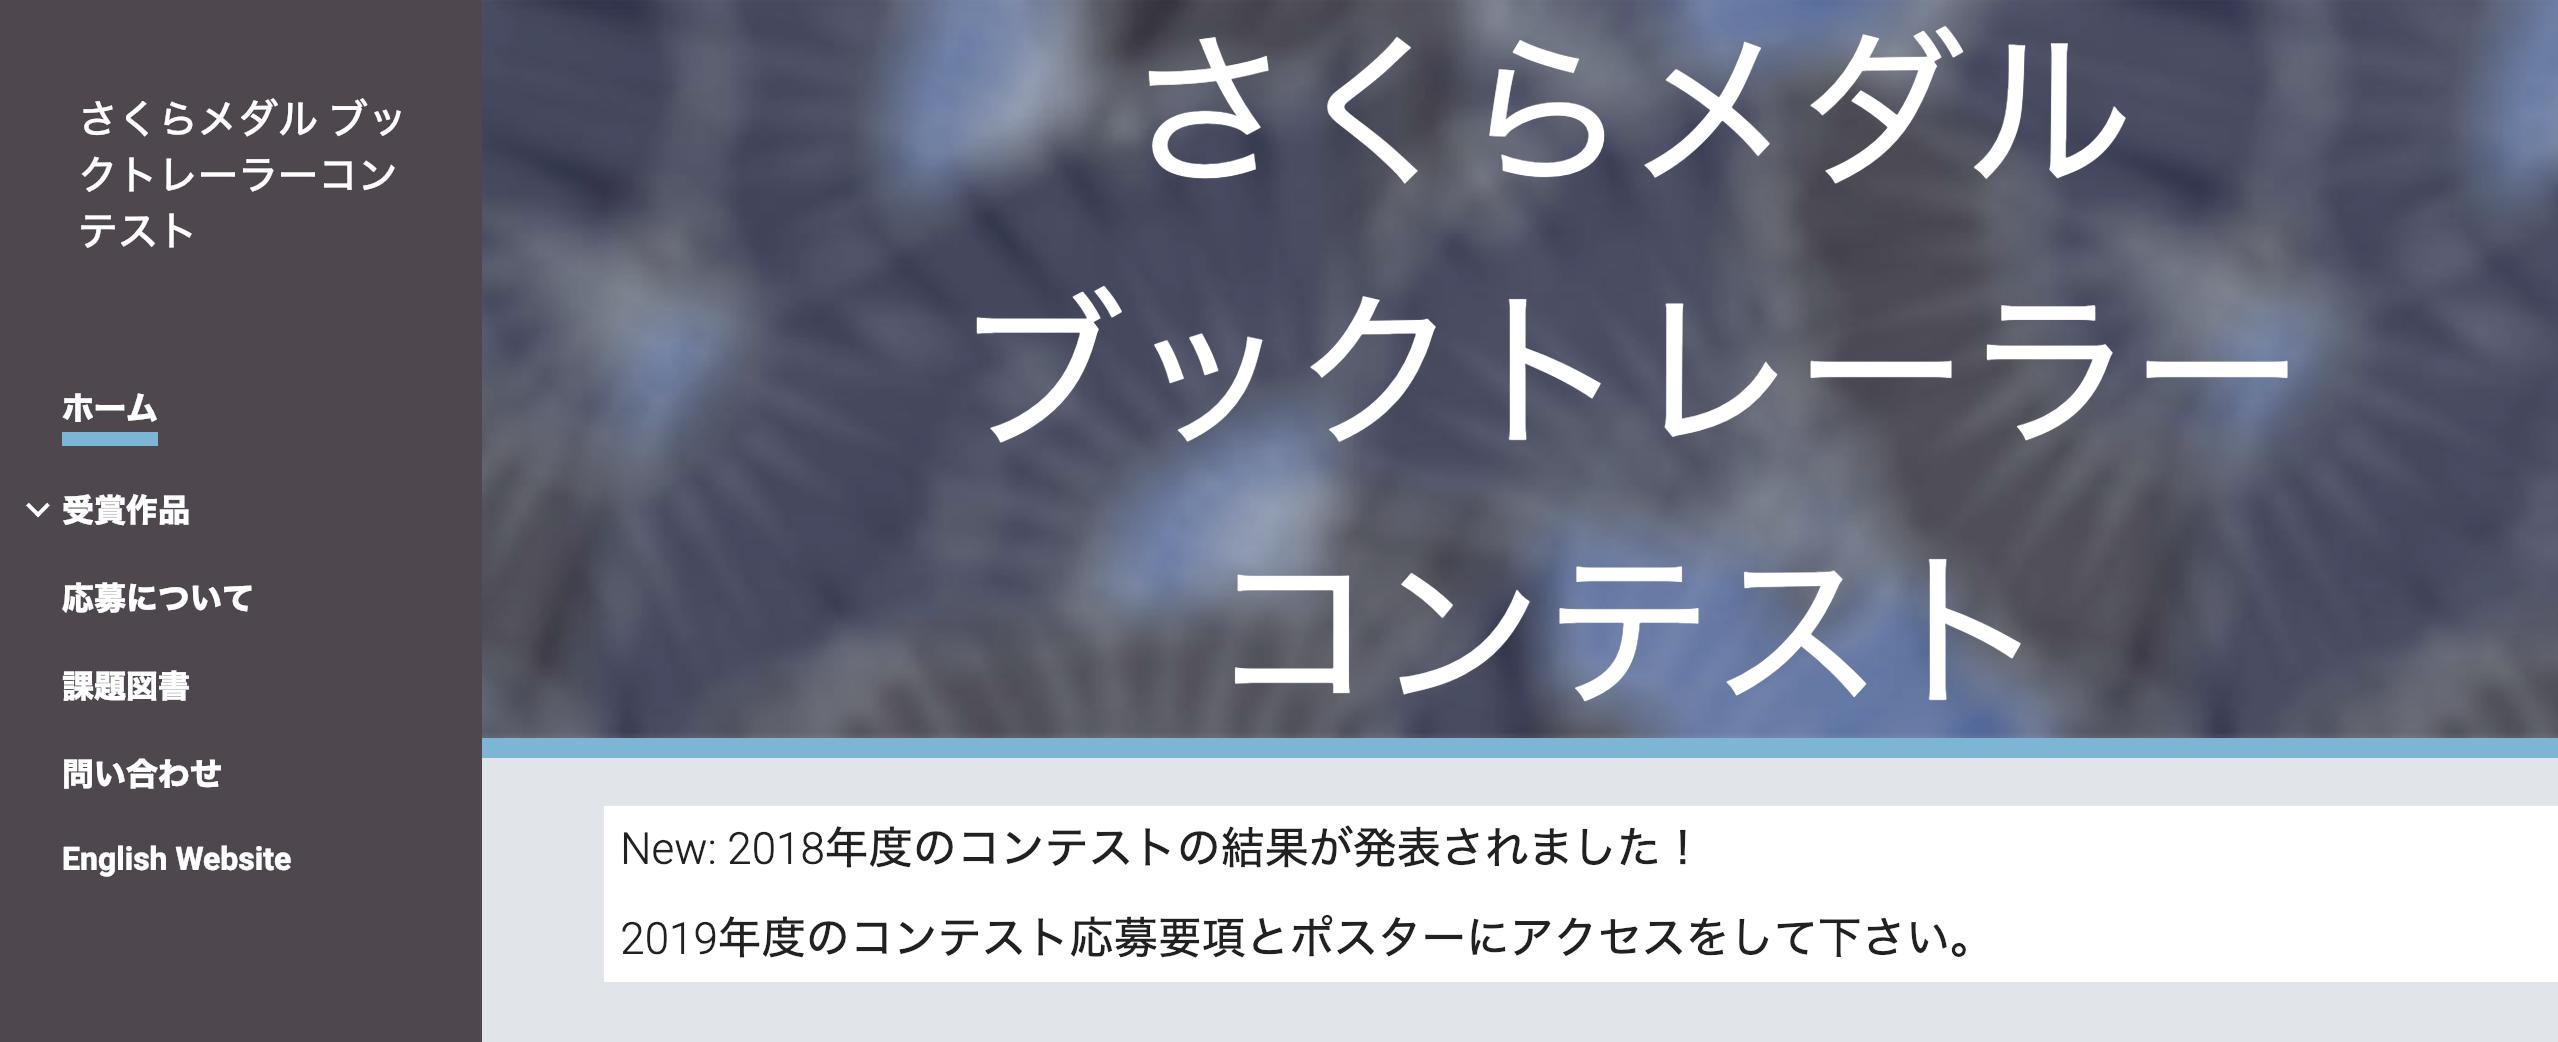 Sakura Medal Book Trailer Contest